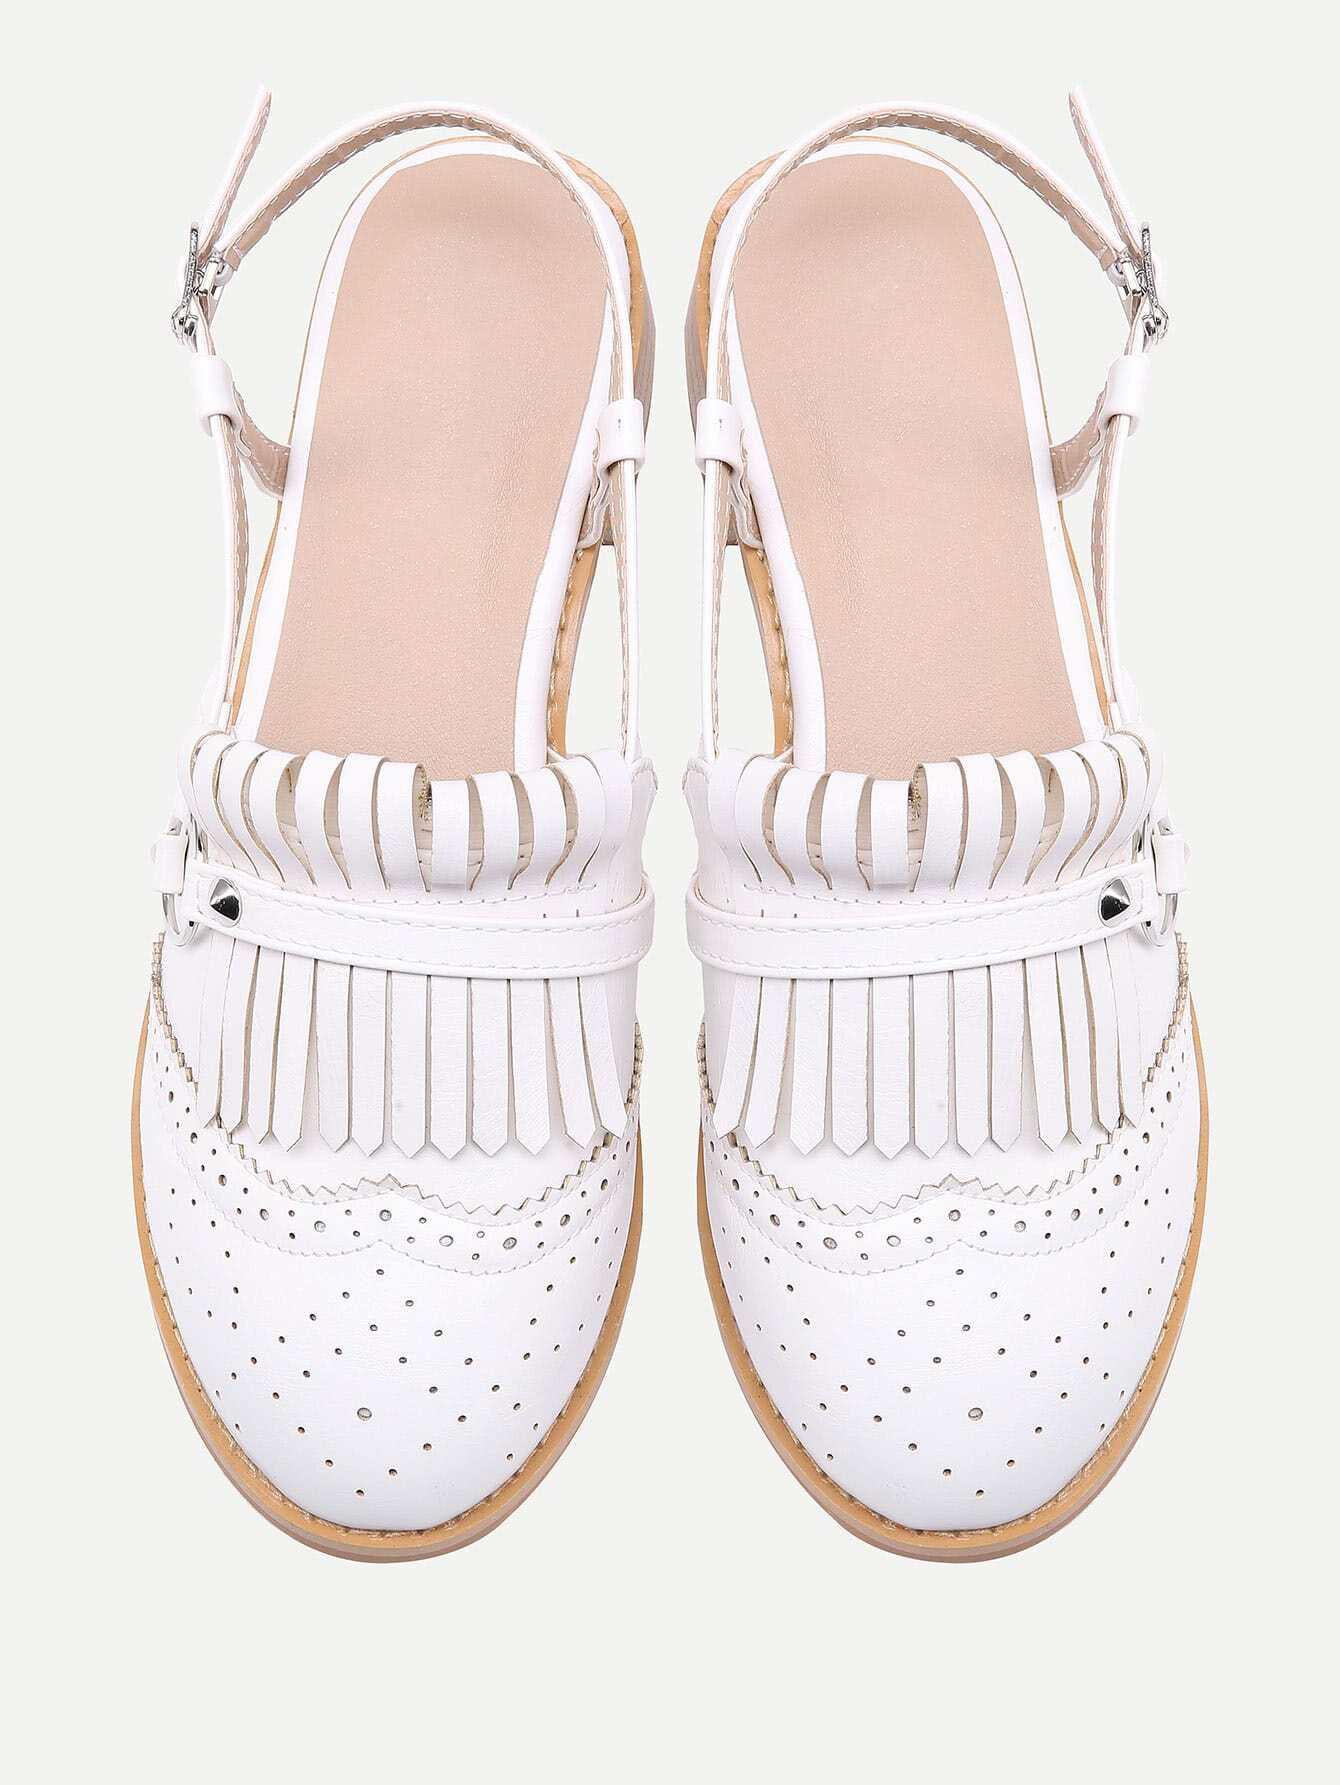 shoes170414815_2